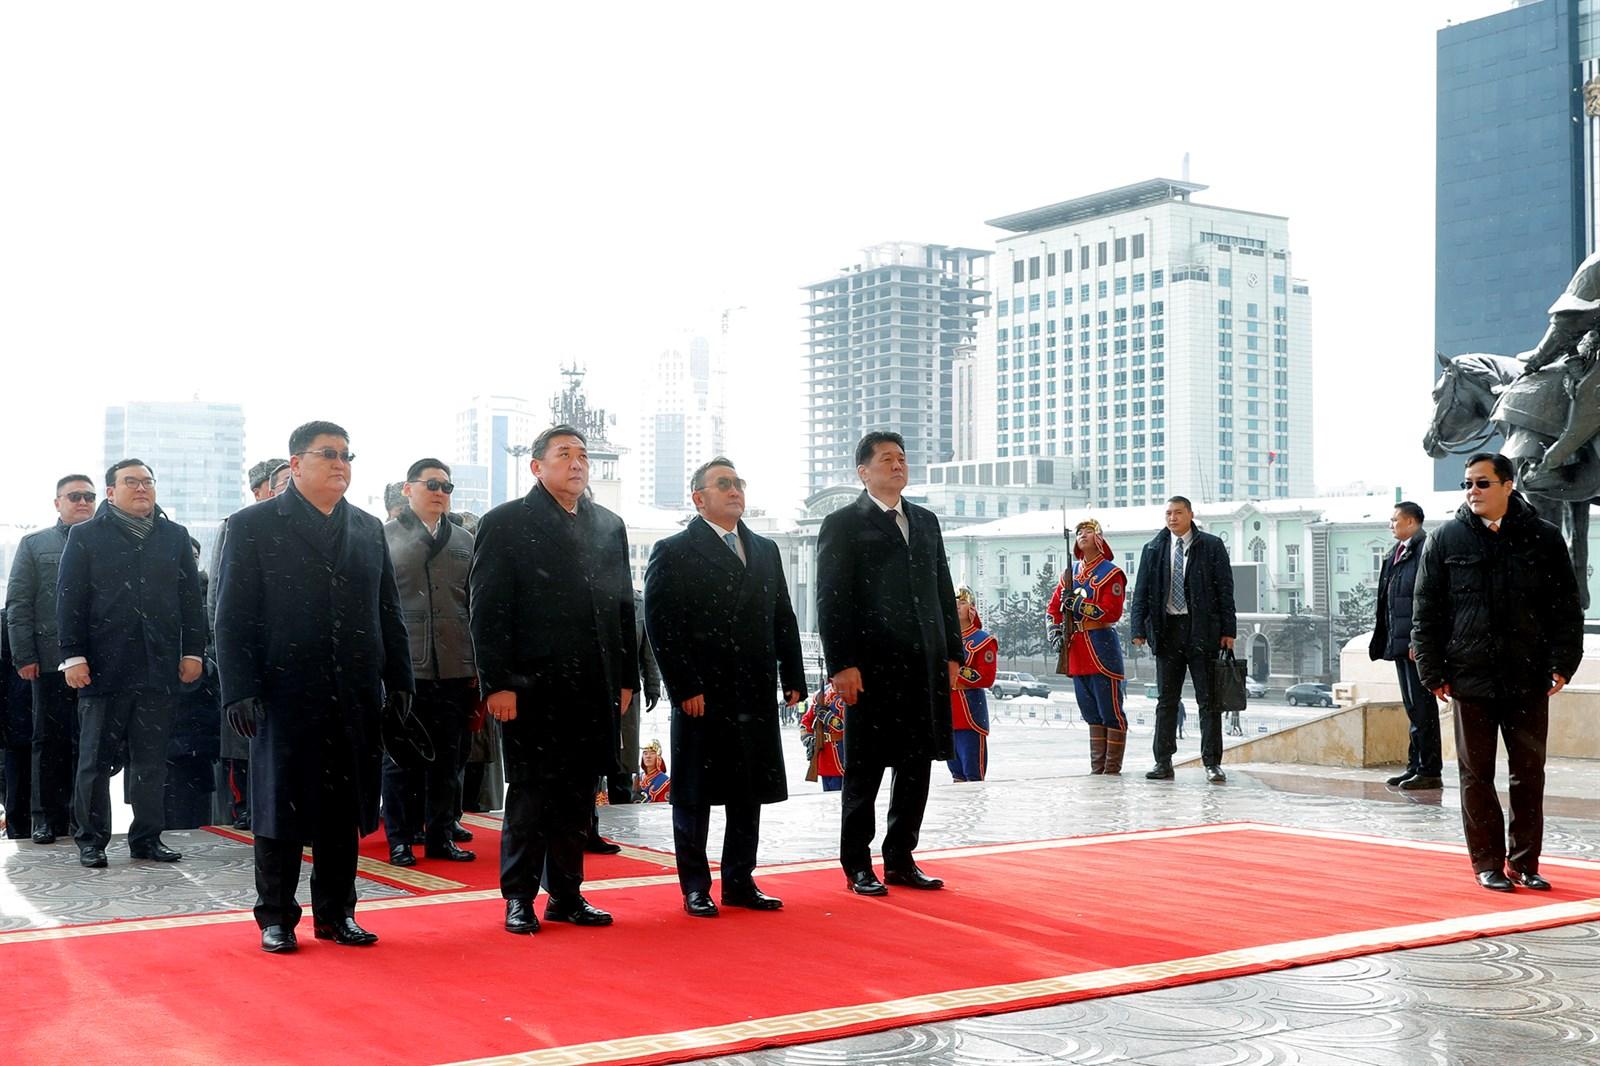 Их эзэн Чингис хааны хөшөөнд хүндэтгэл үзүүлэв